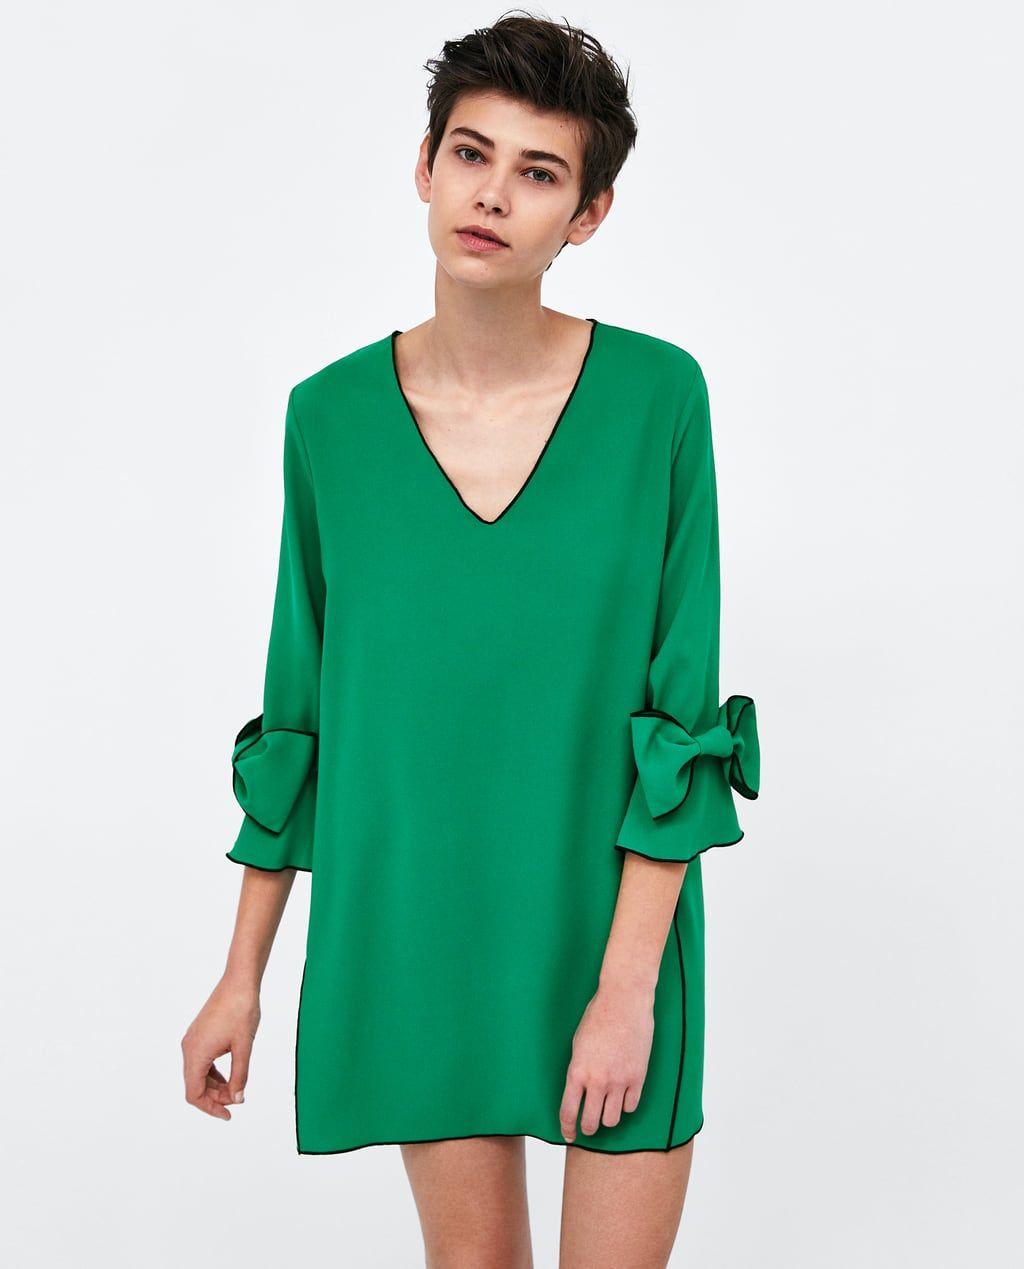 Abiti Eleganti Premaman Zara.Pin Su Vestito Singolare Femminile Corto